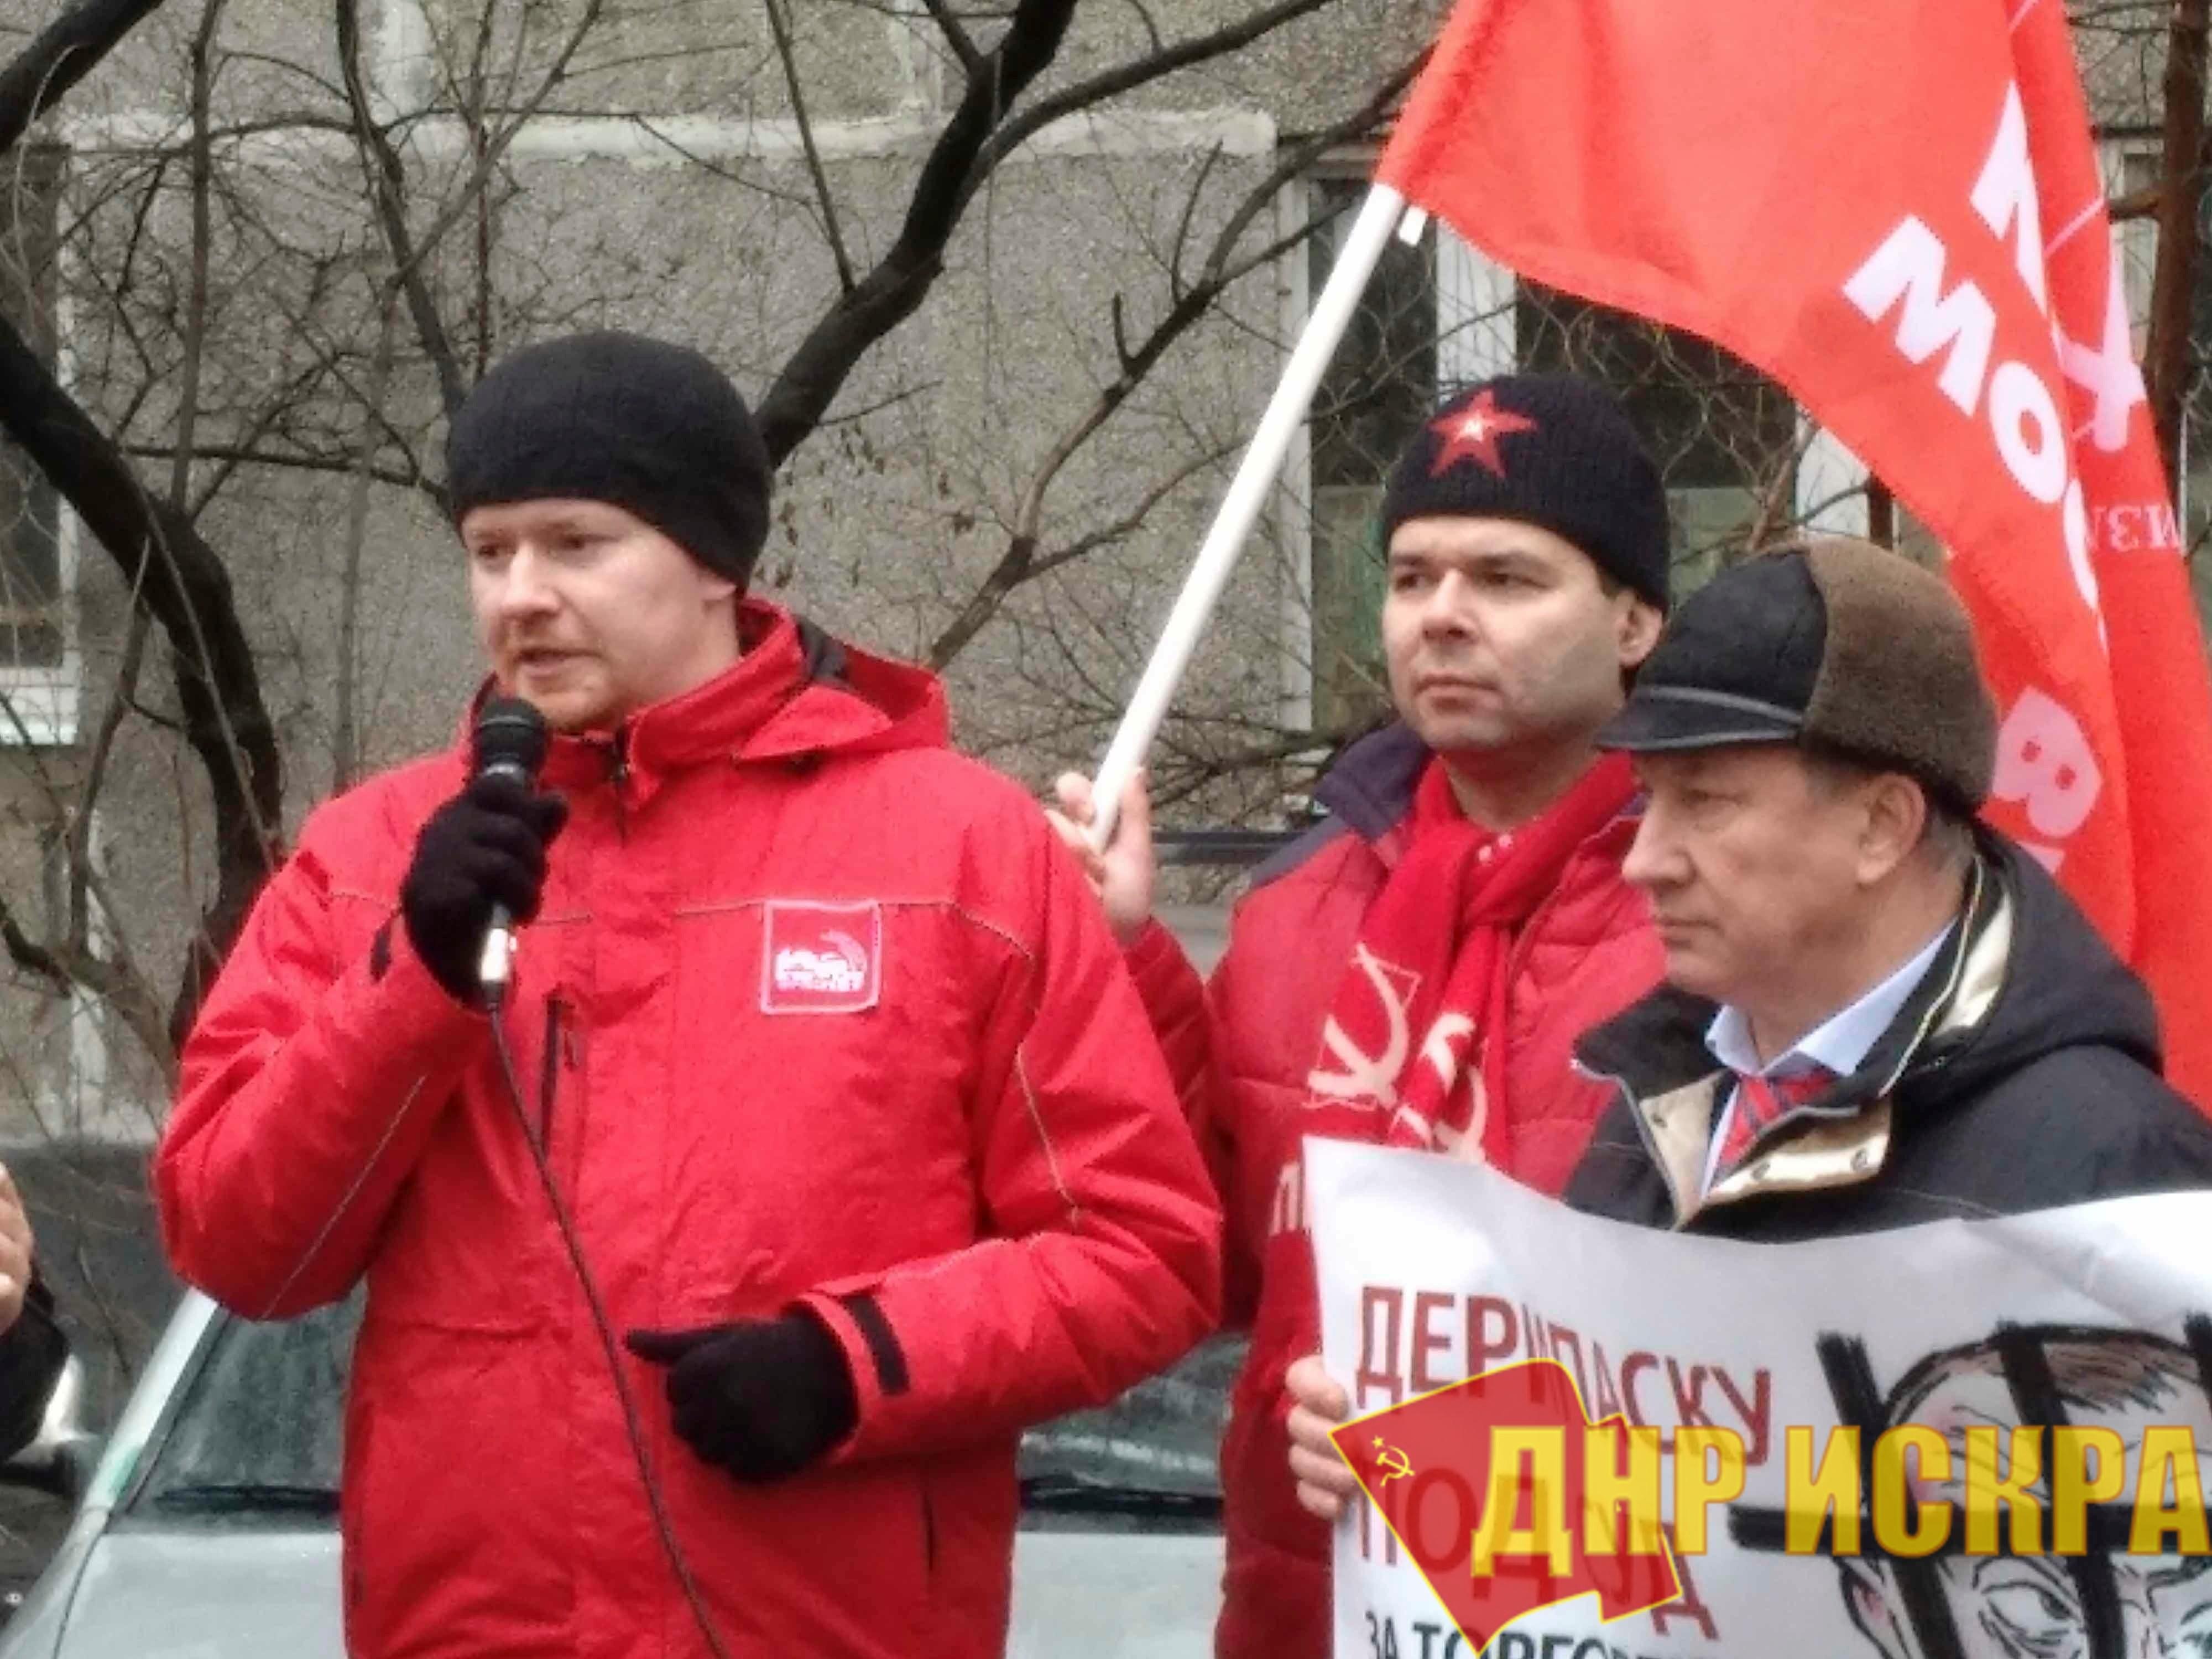 Действия Дерипаски подрывают безопасность России